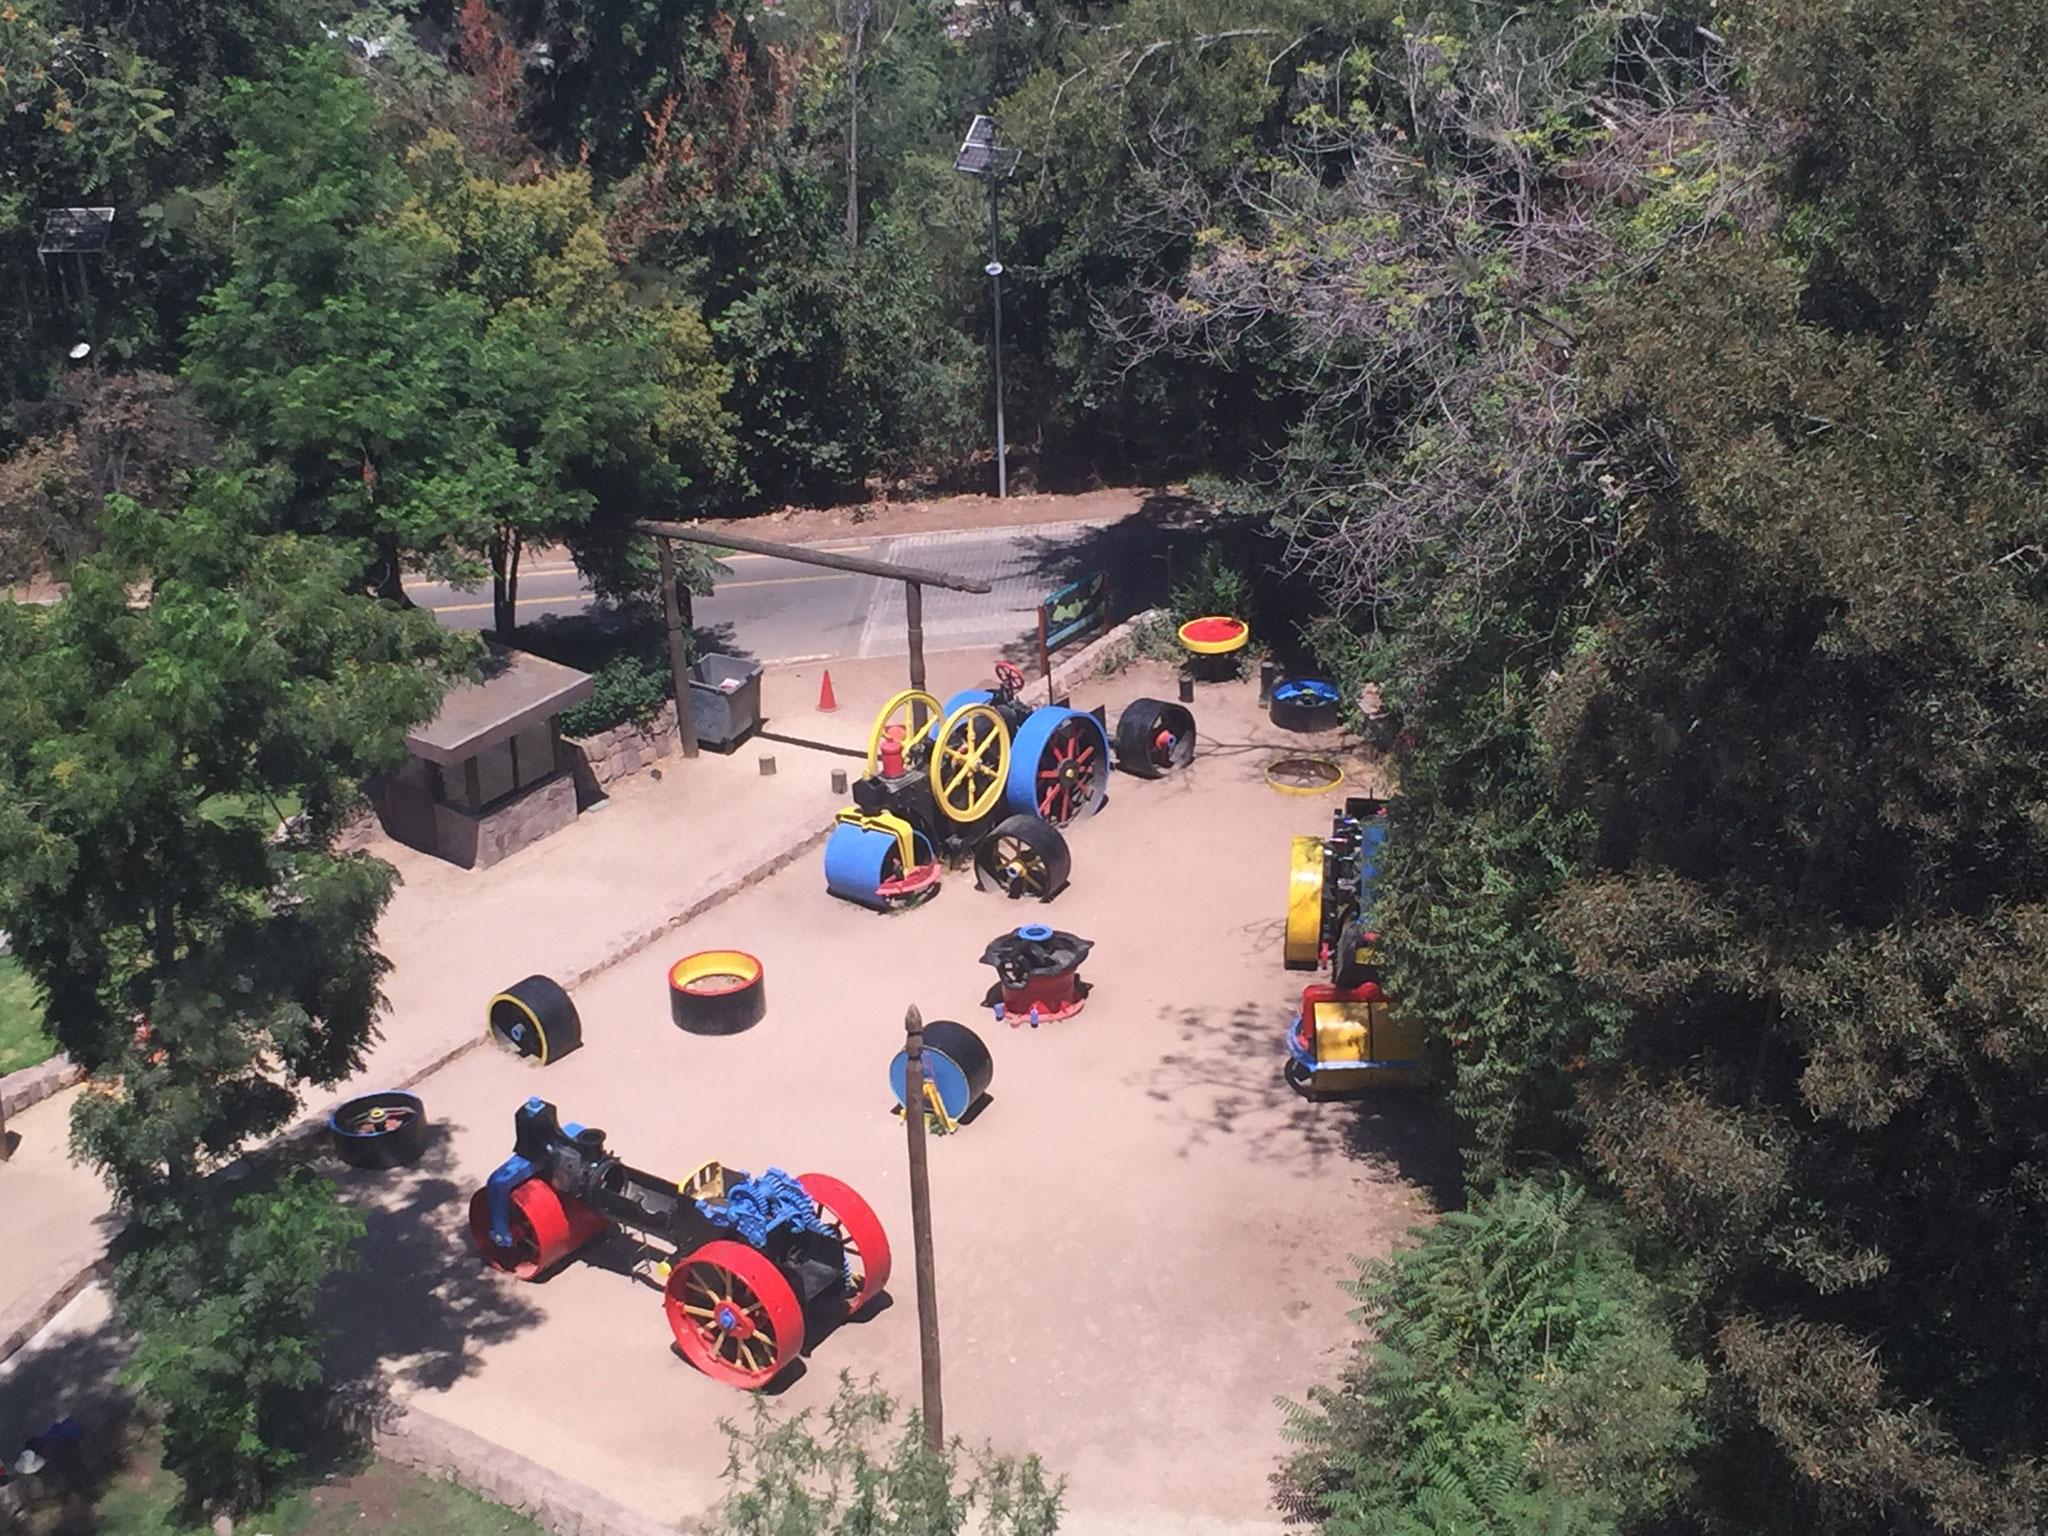 Sicht aus der Gondel auf Kinderspielplatz....